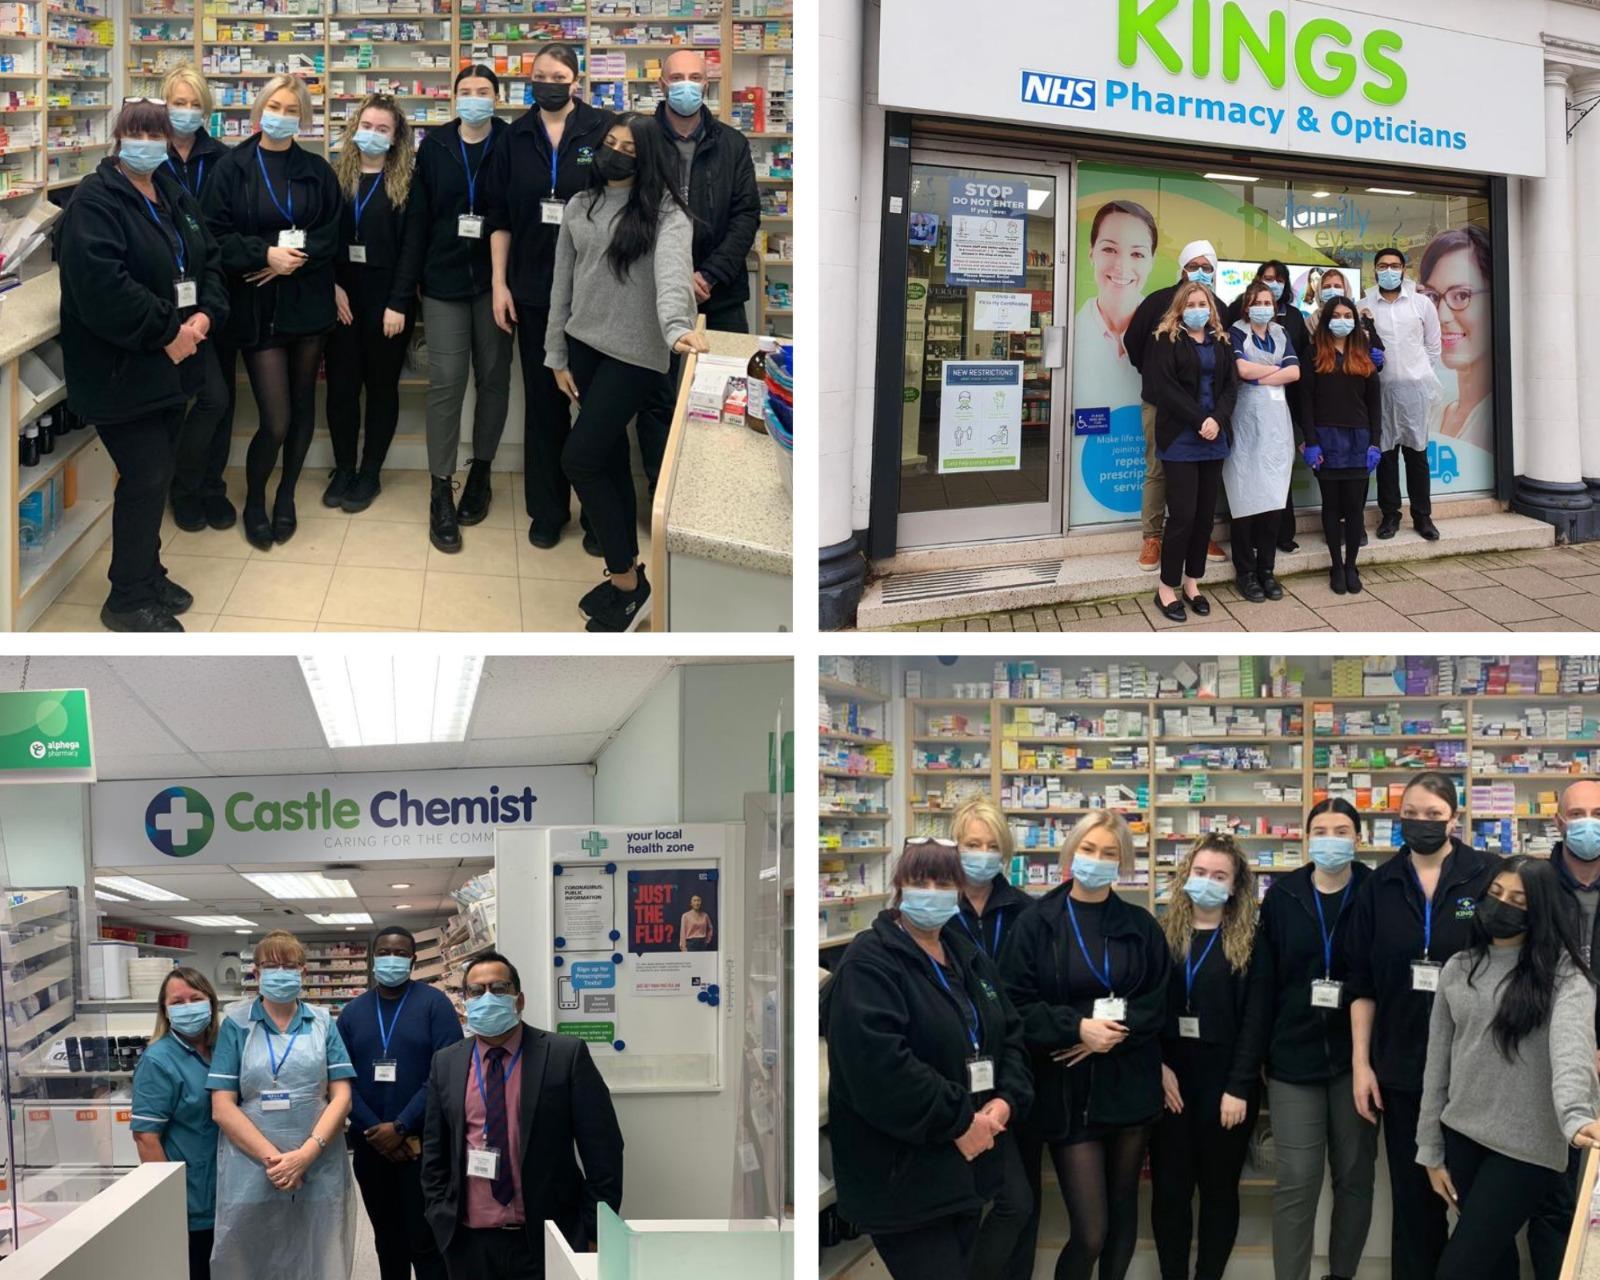 kings pharmacy birmingham